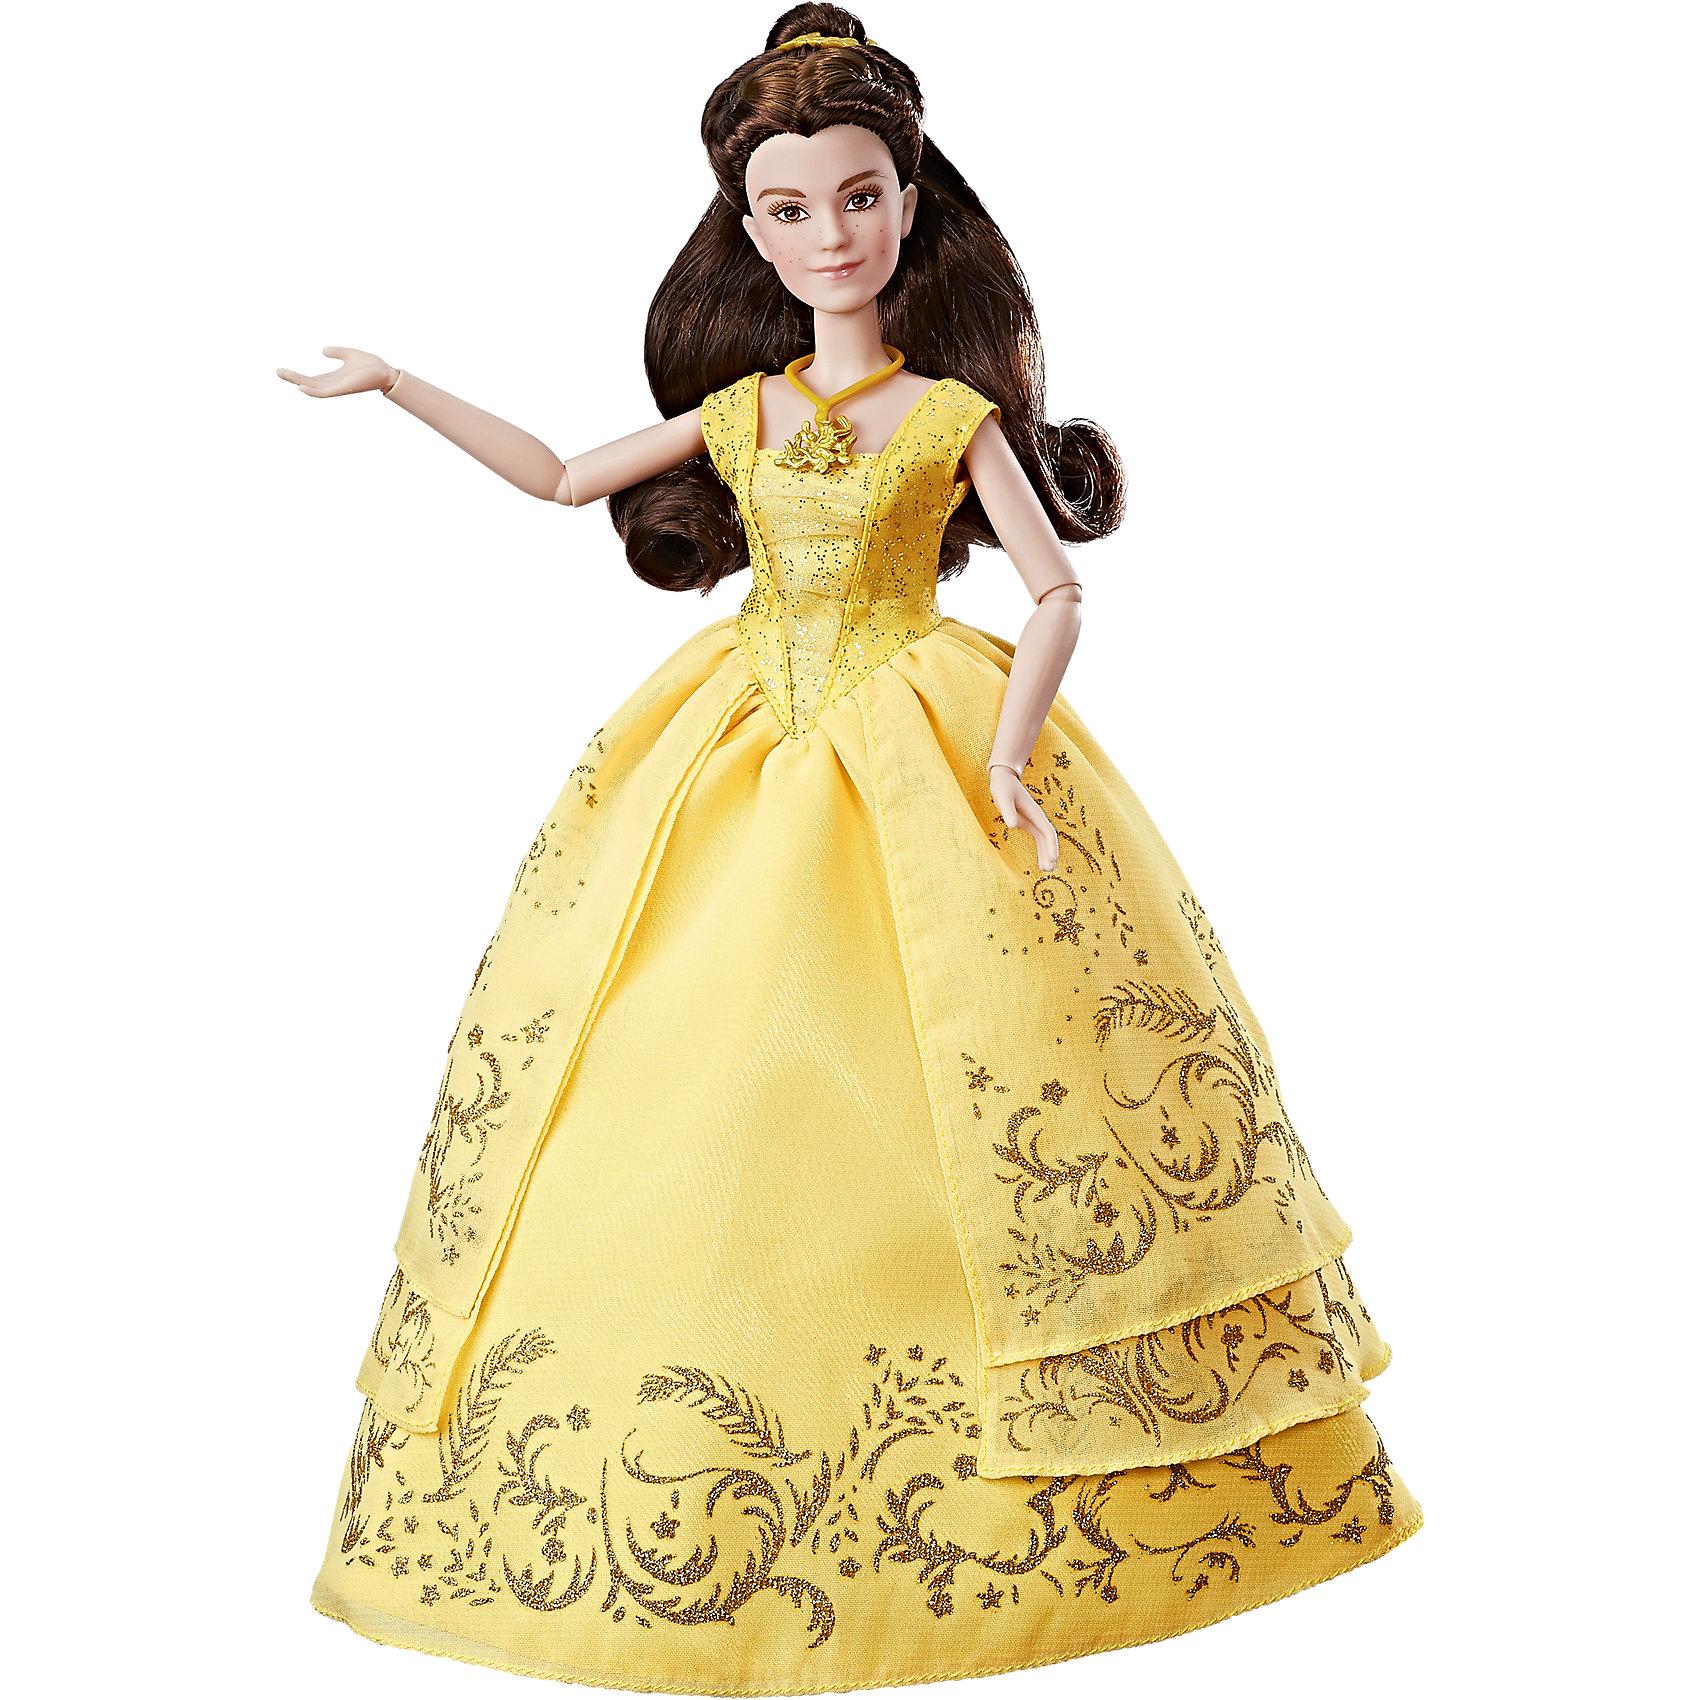 Кукла Hasbro Принцессы Дисней Бэлль в роскошном платьеПопулярные игрушки<br>Характеристики товара:<br><br>• возраст: от 3 лет;<br>• материал: пластик, текстиль;<br>• в комплекте: кукла, аксессуары;<br>• высота куклы: 29 см;<br>• размер упаковки: 35,6х22,9х7,6 см;<br>• вес упаковки: 174 гр.;<br>• страна производитель: Китай.<br><br>Кукла «Бэлль в роскошном платье» Принцессы Дисней Hasbro — героиня известного мультфильма Дисней. Она одета в пышное золотистое платье, украшенное узорами, из фильма «Красавица и Чудовище». Дополняют яркий образ Бэлль аксессуары: ожерелье и туфельки. В руках она держит красную розу.<br><br>Руки куклы подвижны, сгибаются в локтях и кистях. И Бэлль густые каштановые волосы, которая девочка может расчесывать, заплетать или украшать, чтобы создать для Бэлль неповторимый образ для бала. <br><br>Куклу «Бэлль в роскошном платье» Принцессы Дисней Hasbro B9166 можно приобрести в нашем интернет-магазине.<br><br>Ширина мм: 357<br>Глубина мм: 226<br>Высота мм: 83<br>Вес г: 271<br>Возраст от месяцев: 36<br>Возраст до месяцев: 2147483647<br>Пол: Женский<br>Возраст: Детский<br>SKU: 5225692